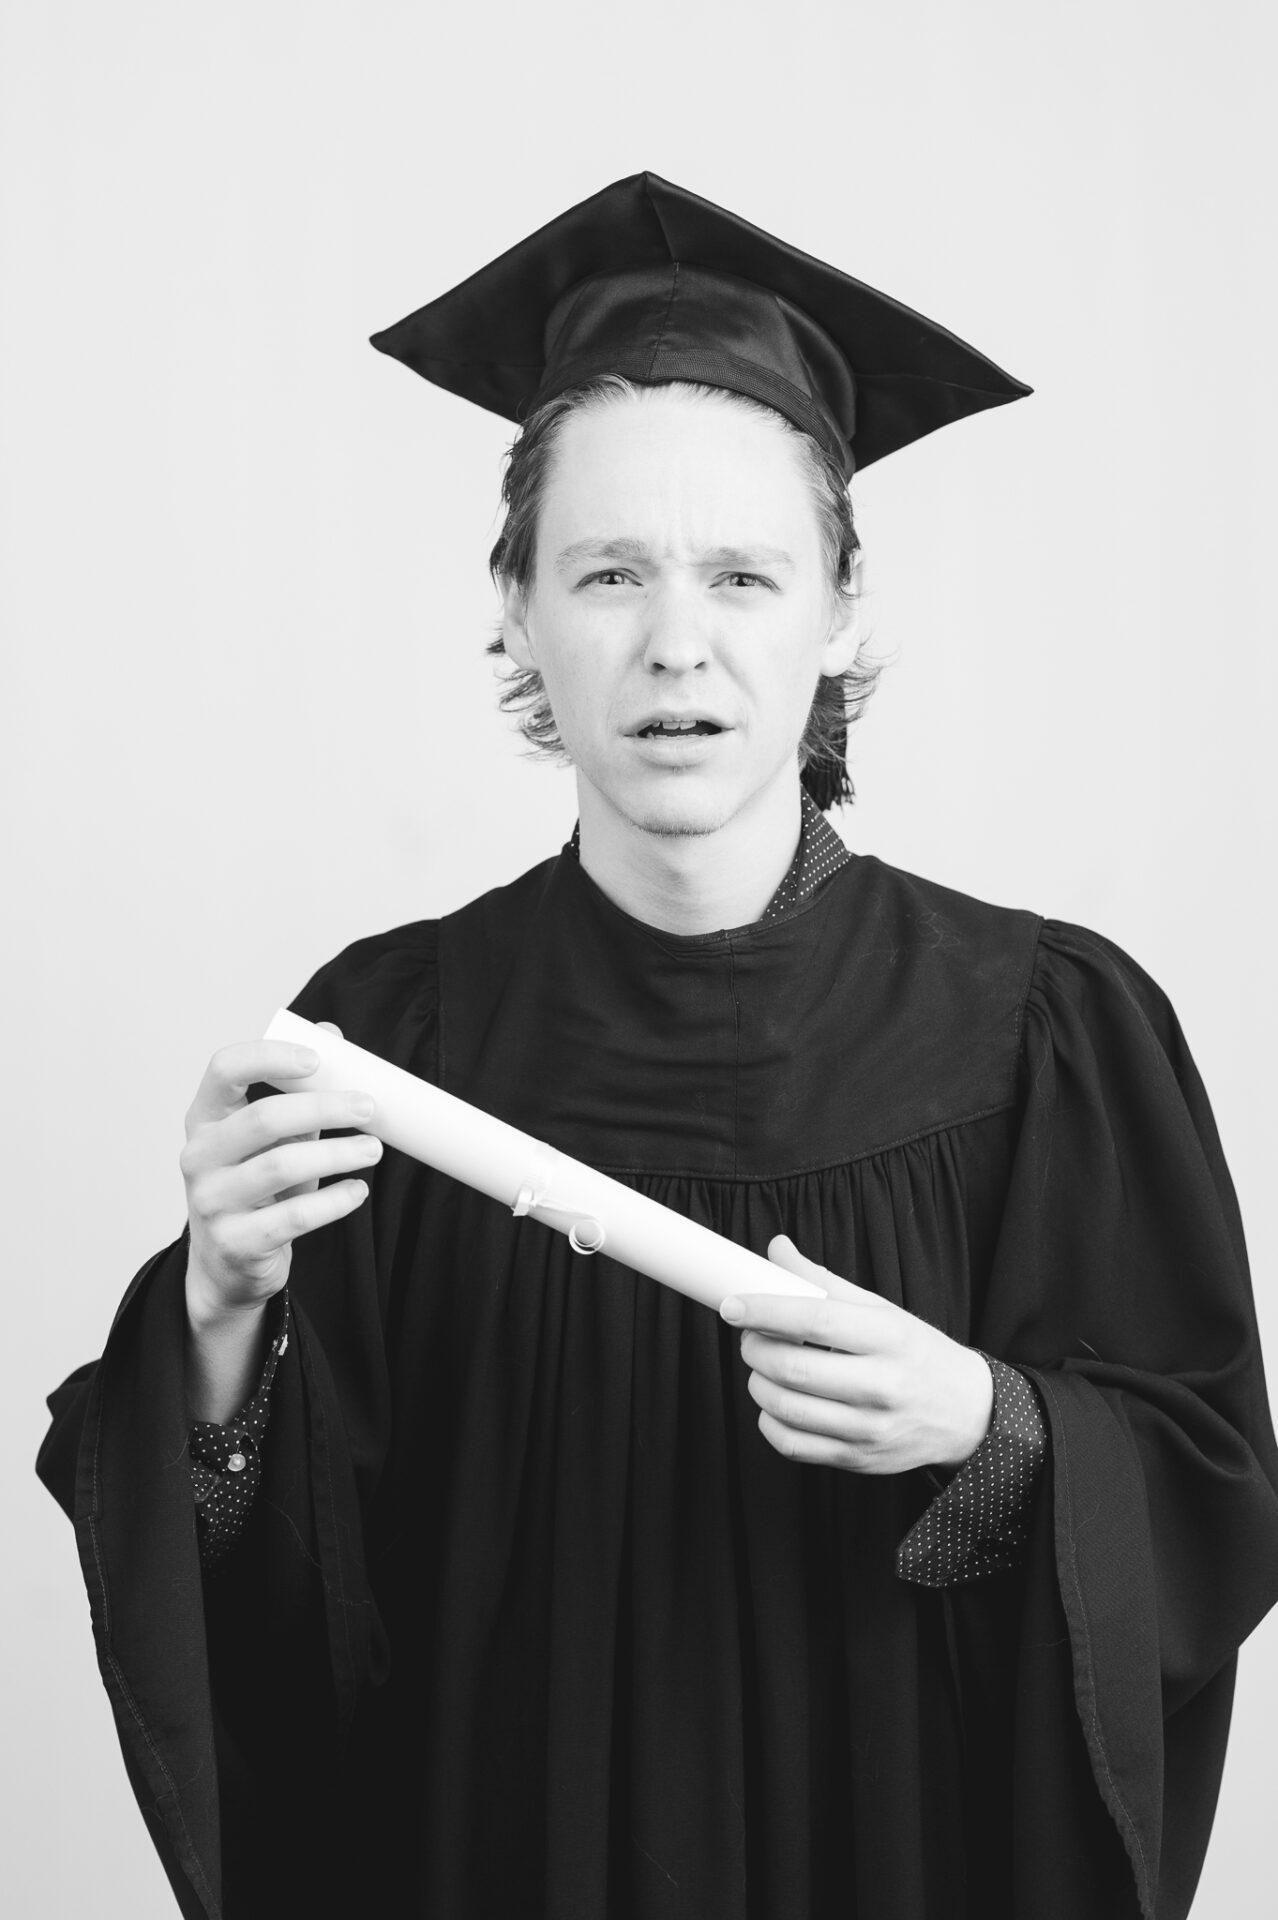 Résultats de recherche d'images pour « Marc-antoine levesque »